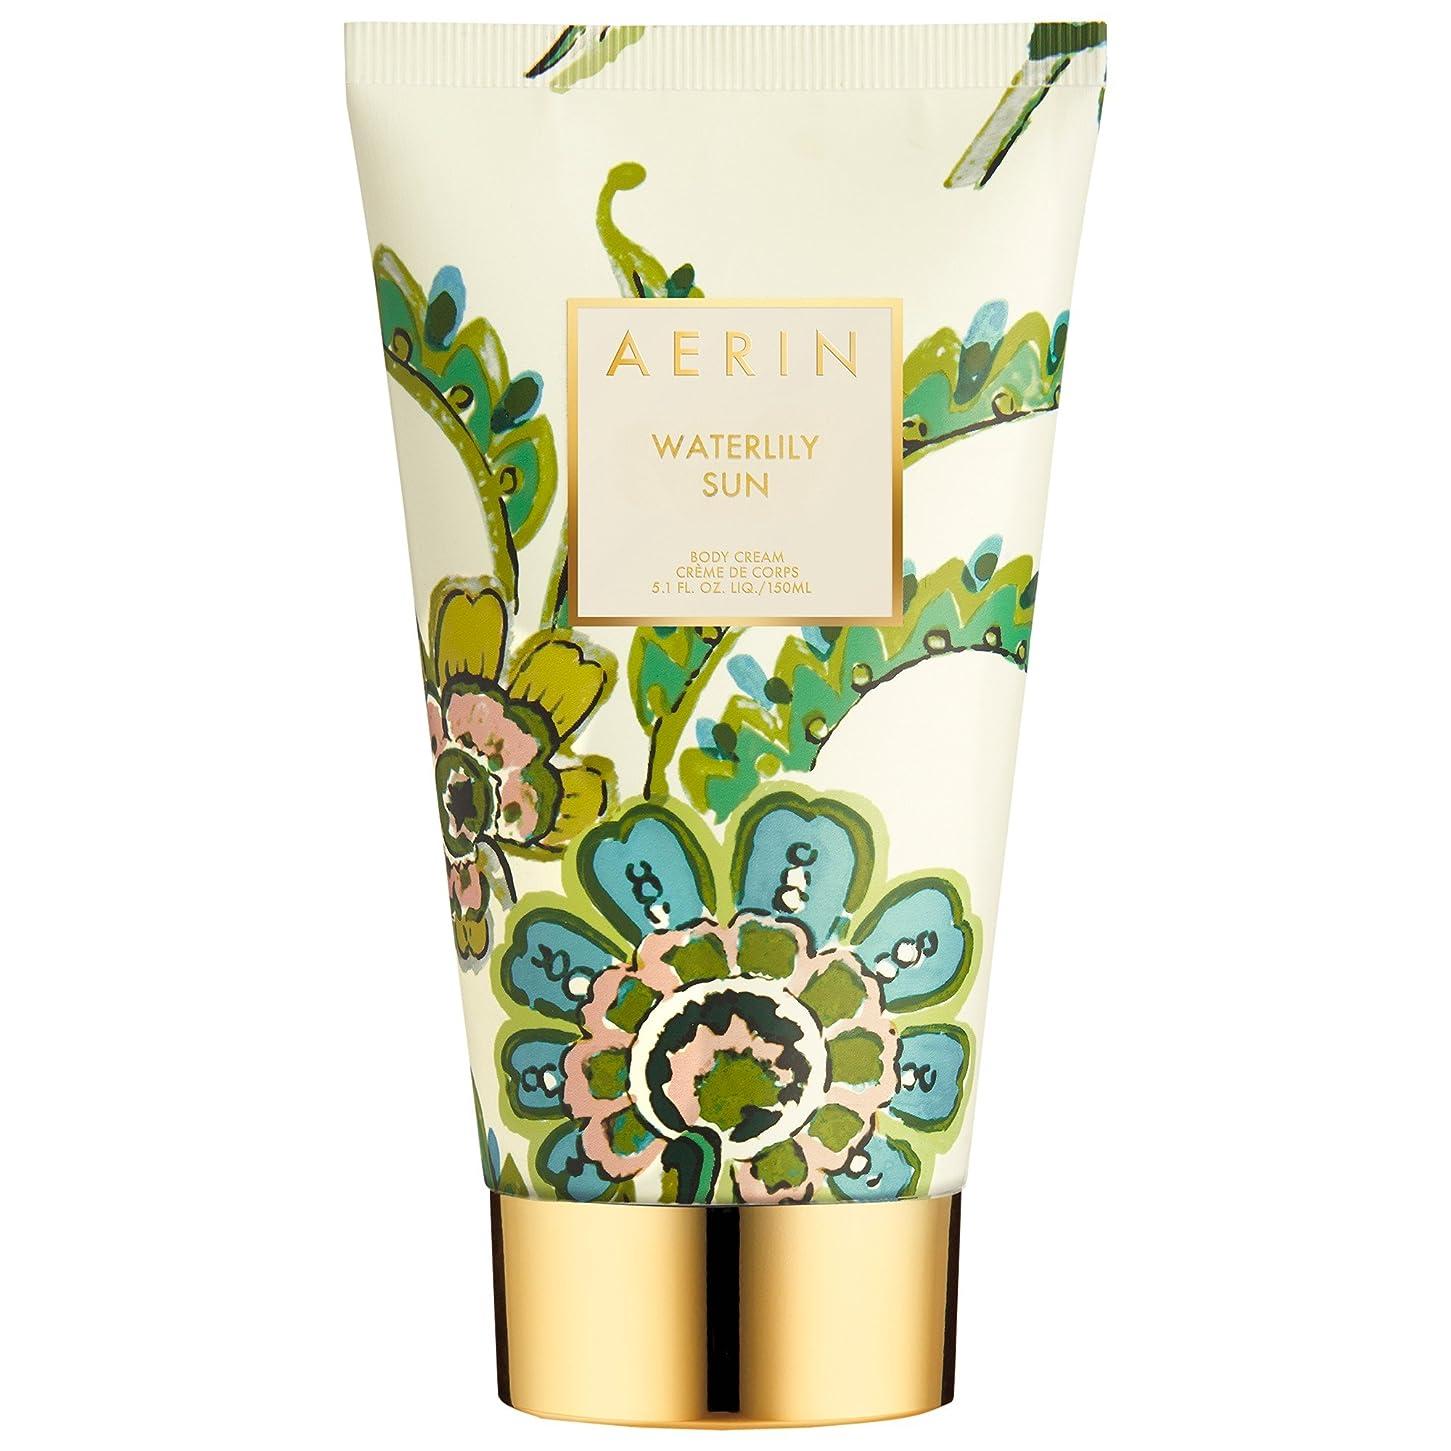 漏斗欺アブセイAerinスイレン日ボディクリーム150ミリリットル (AERIN) (x6) - AERIN Waterlily Sun Body Cream 150ml (Pack of 6) [並行輸入品]